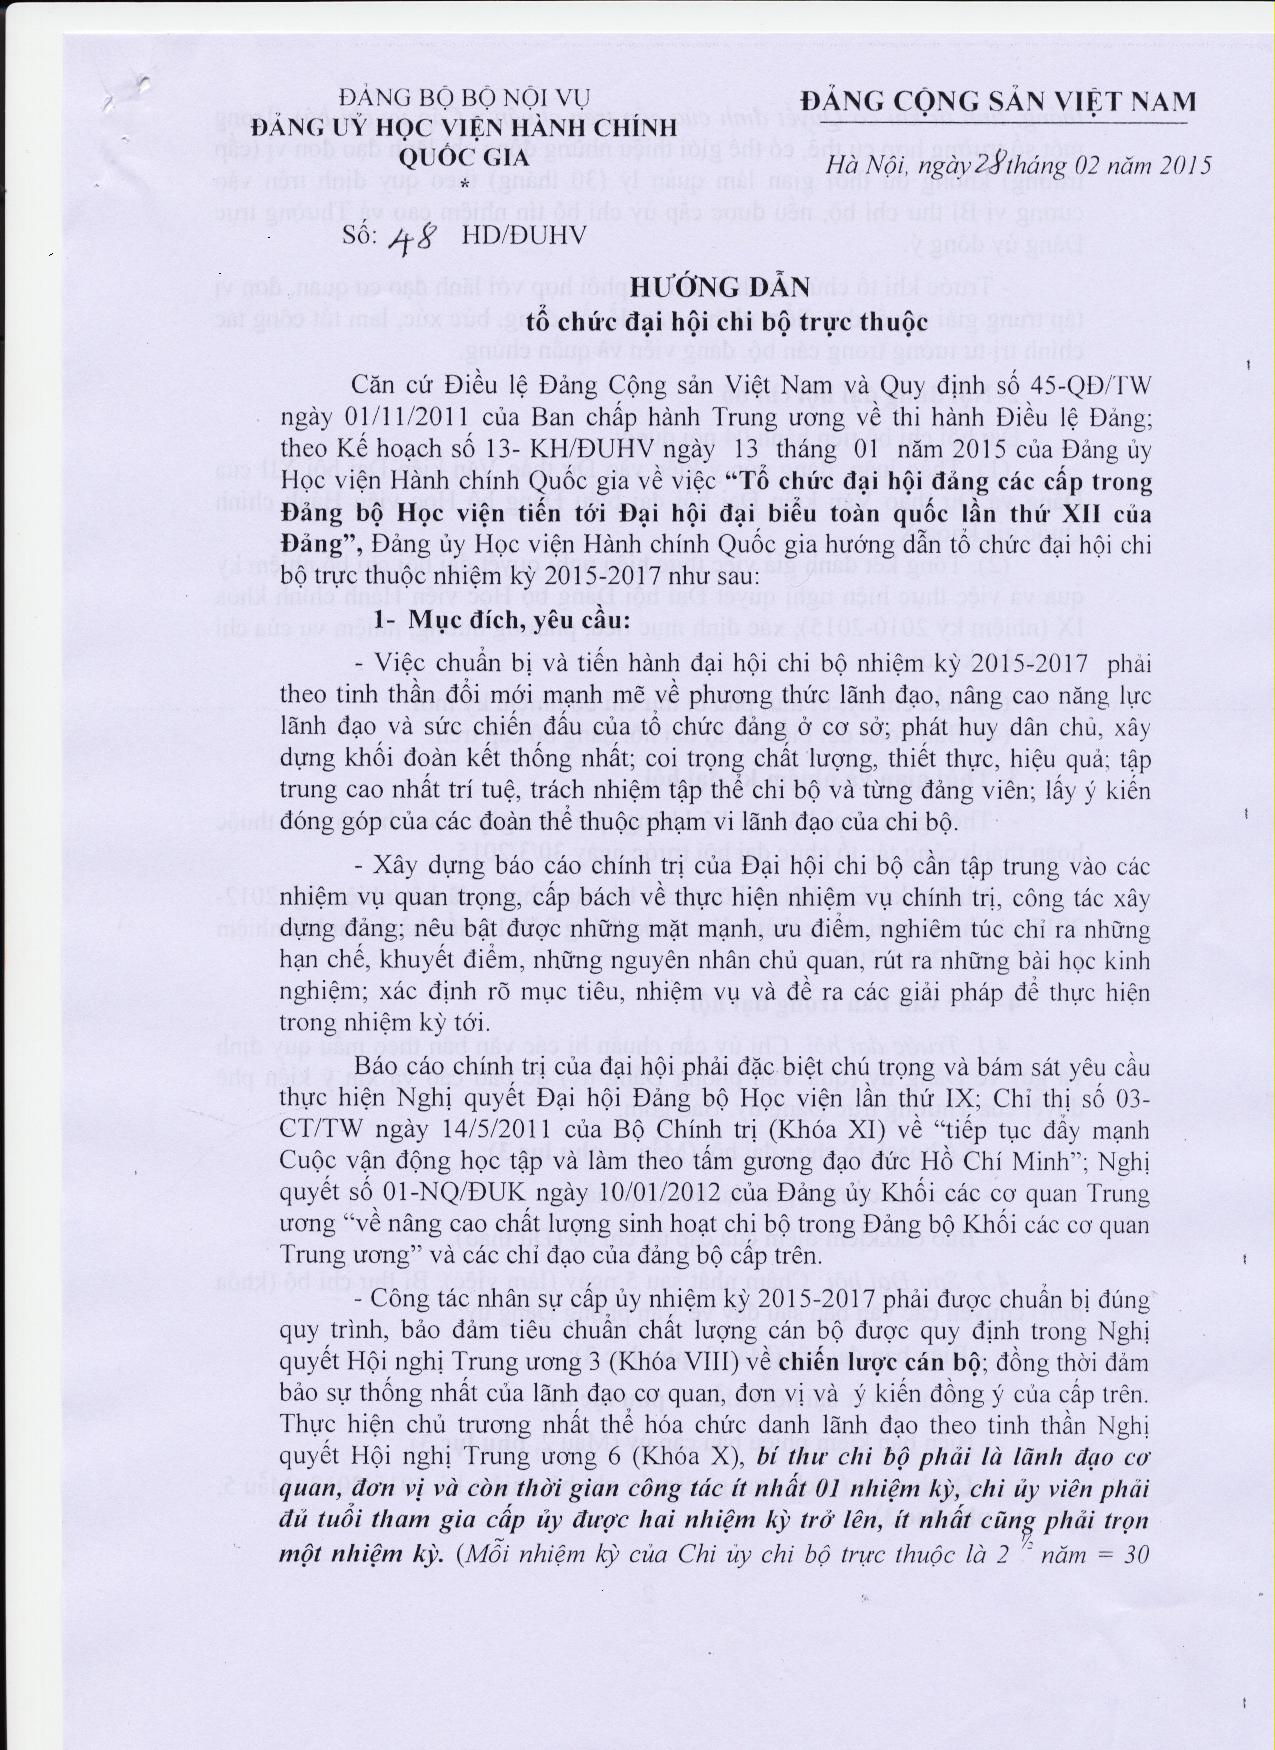 HUONG DAN SO 48